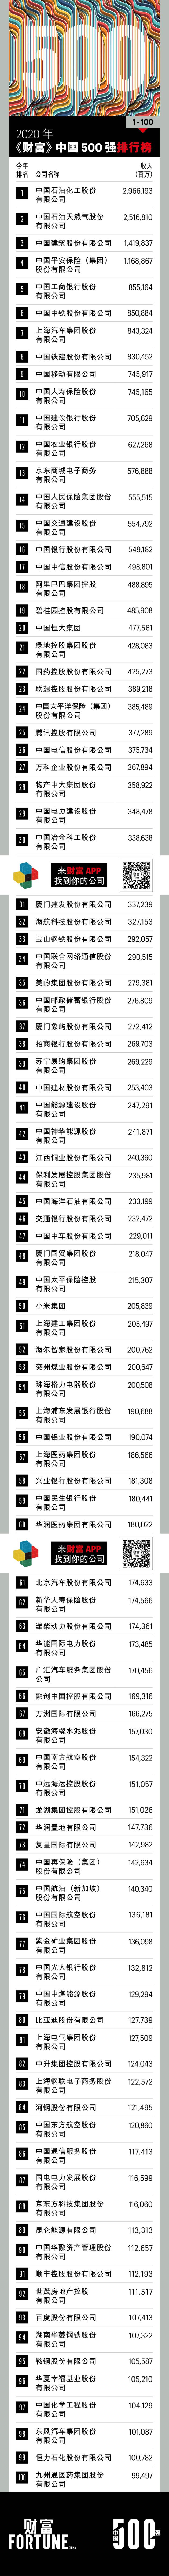 2020财富中国500强亏损公司:爱